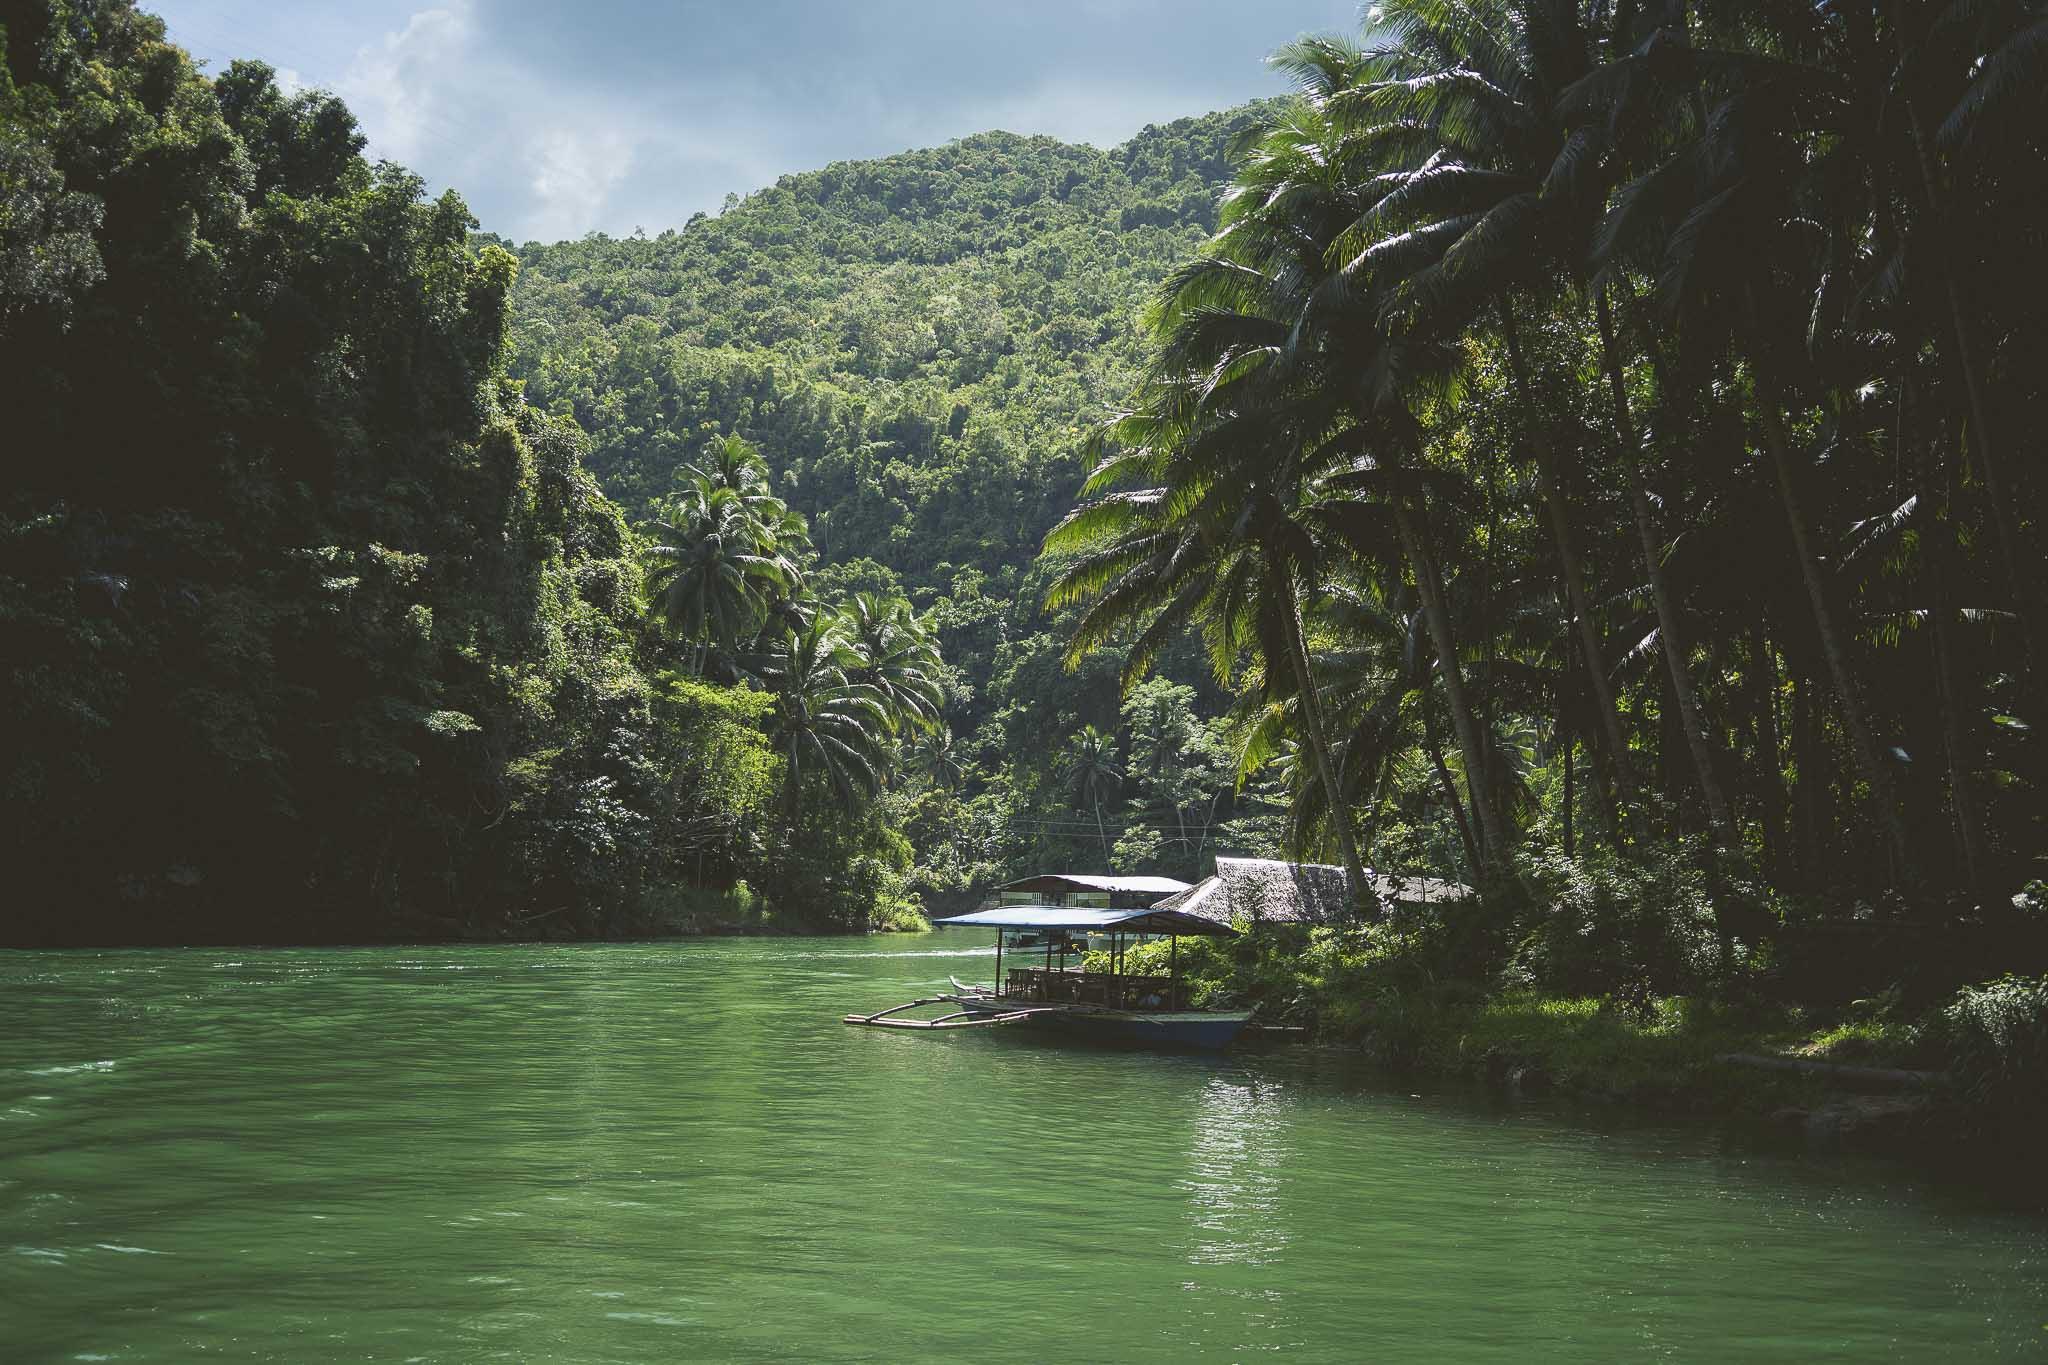 Rzeka Loboc, Filipiny, Panglao